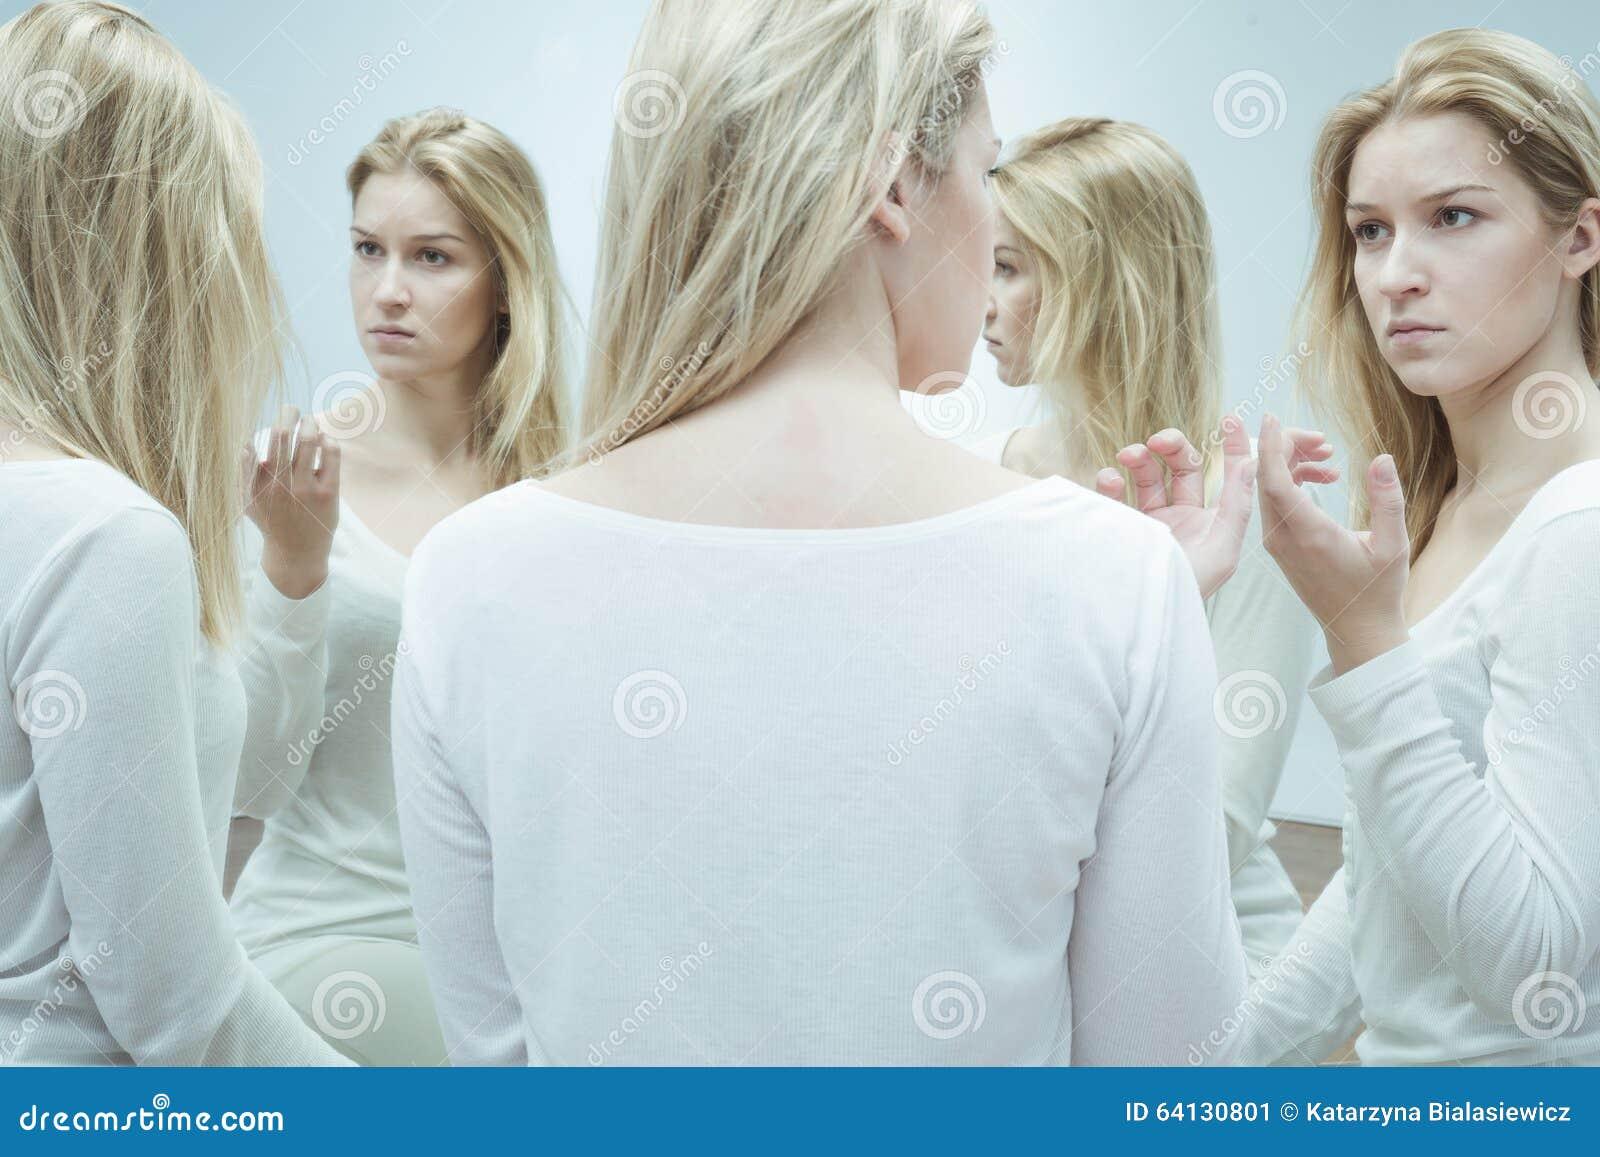 Kobieta z rozszczepioną osobowością